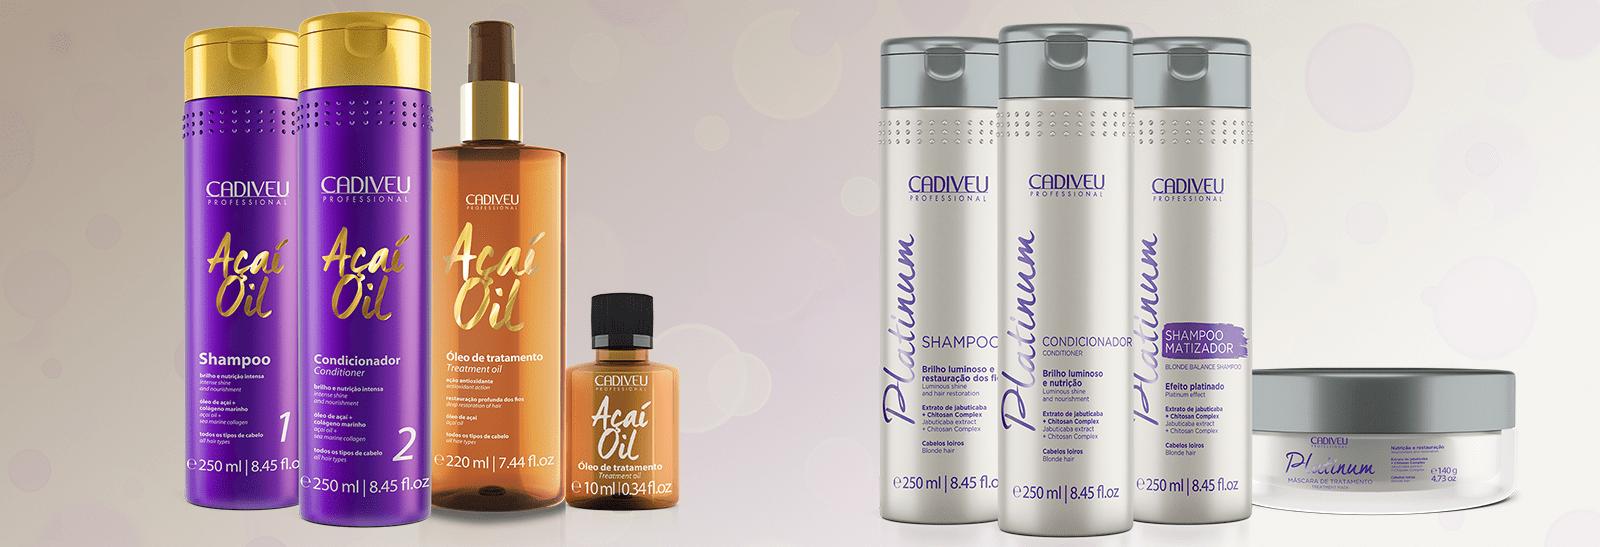 Картинка косметика и косметика для ухода за волосами бренда Cadiveu